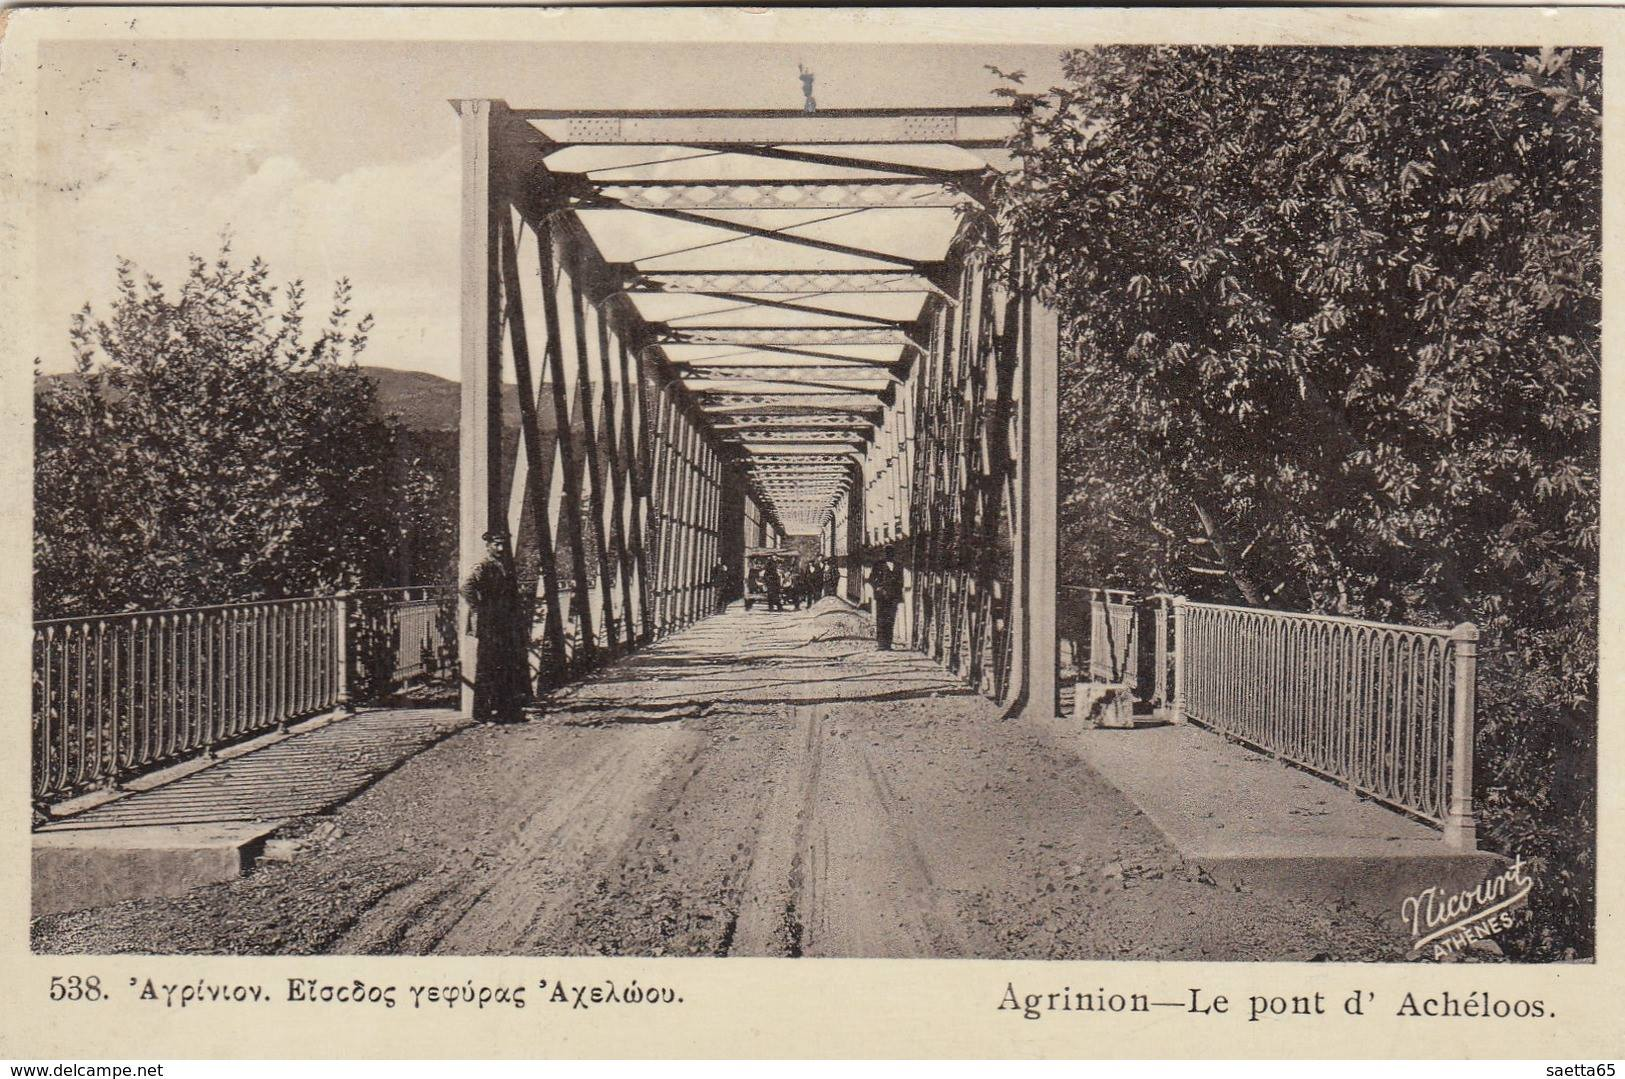 Γέφυρα Σπολάϊτας: Πηγή του καρτ-ποστάλ, έκδοσης Nicourt (N. Κουρτίδη).